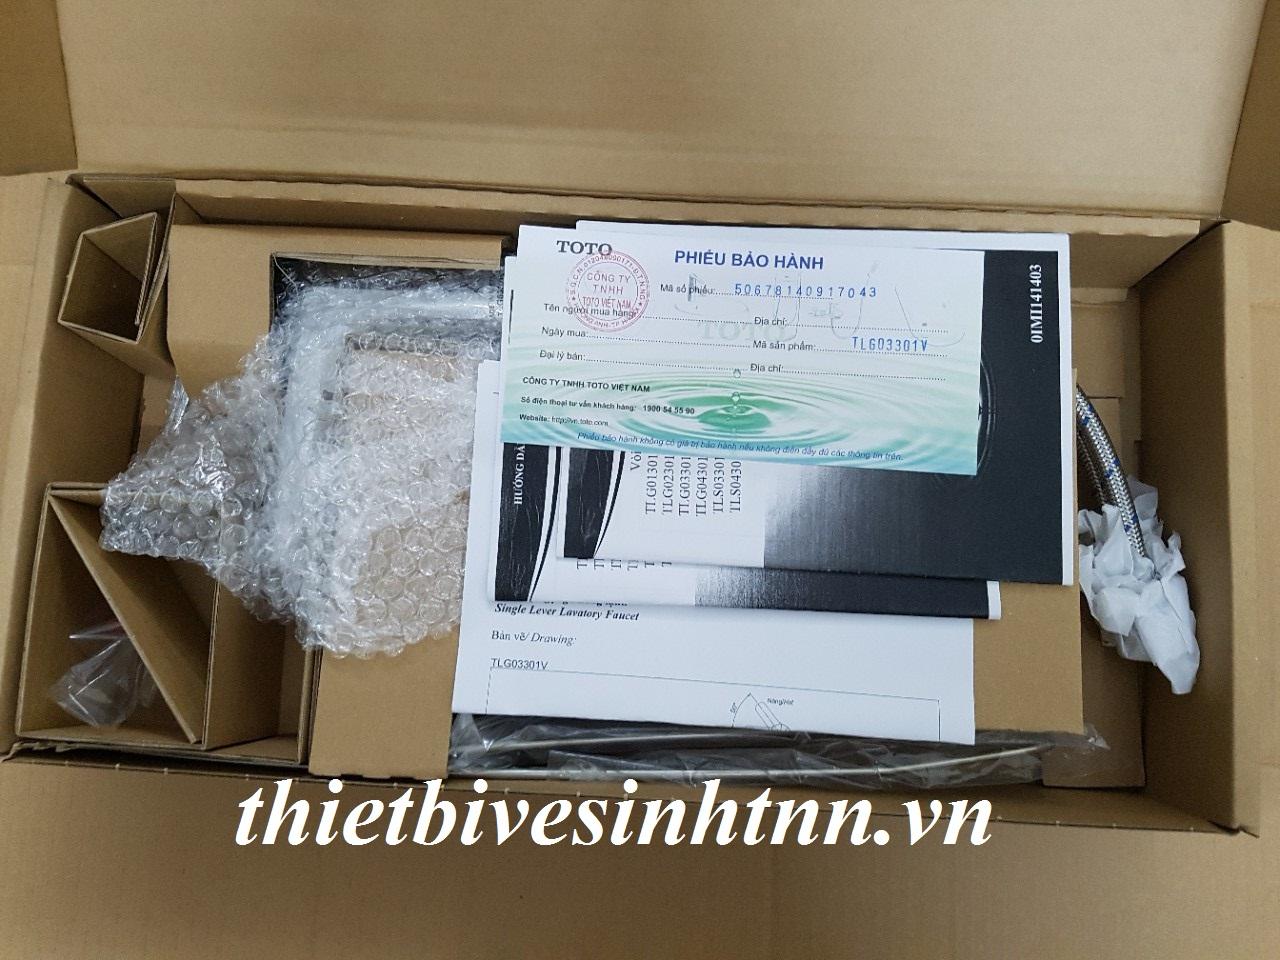 voi-chau-nong-lanh-toto-TLG03301V